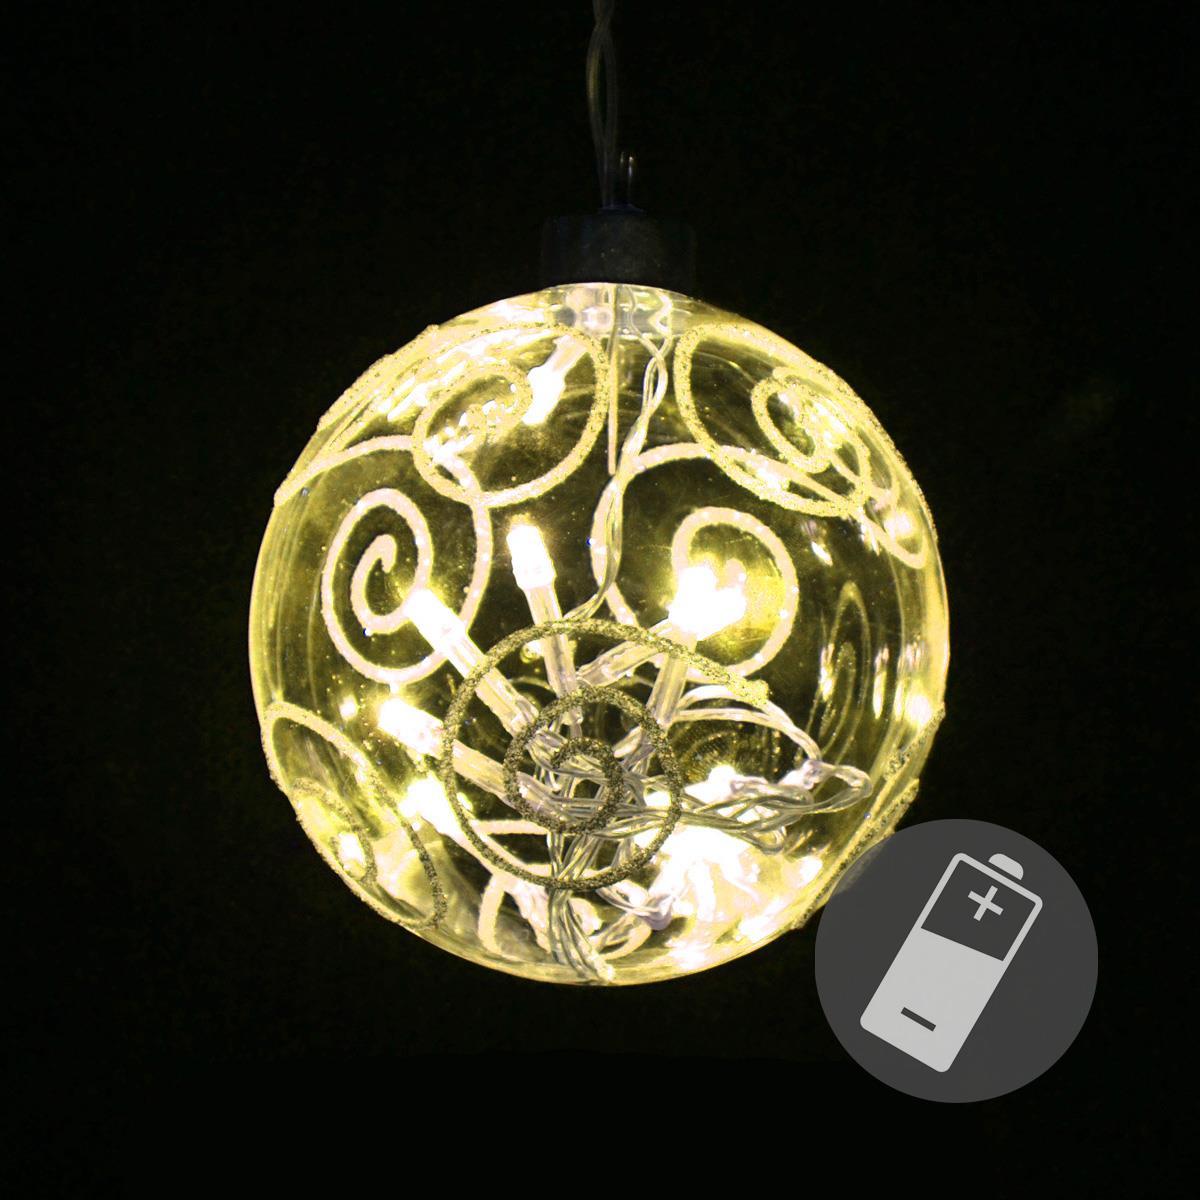 Beleuchtete Bilder Weihnachten.10er Led Beleuchtete Glaskugel Warmweiß Lichterkette Weihnachten